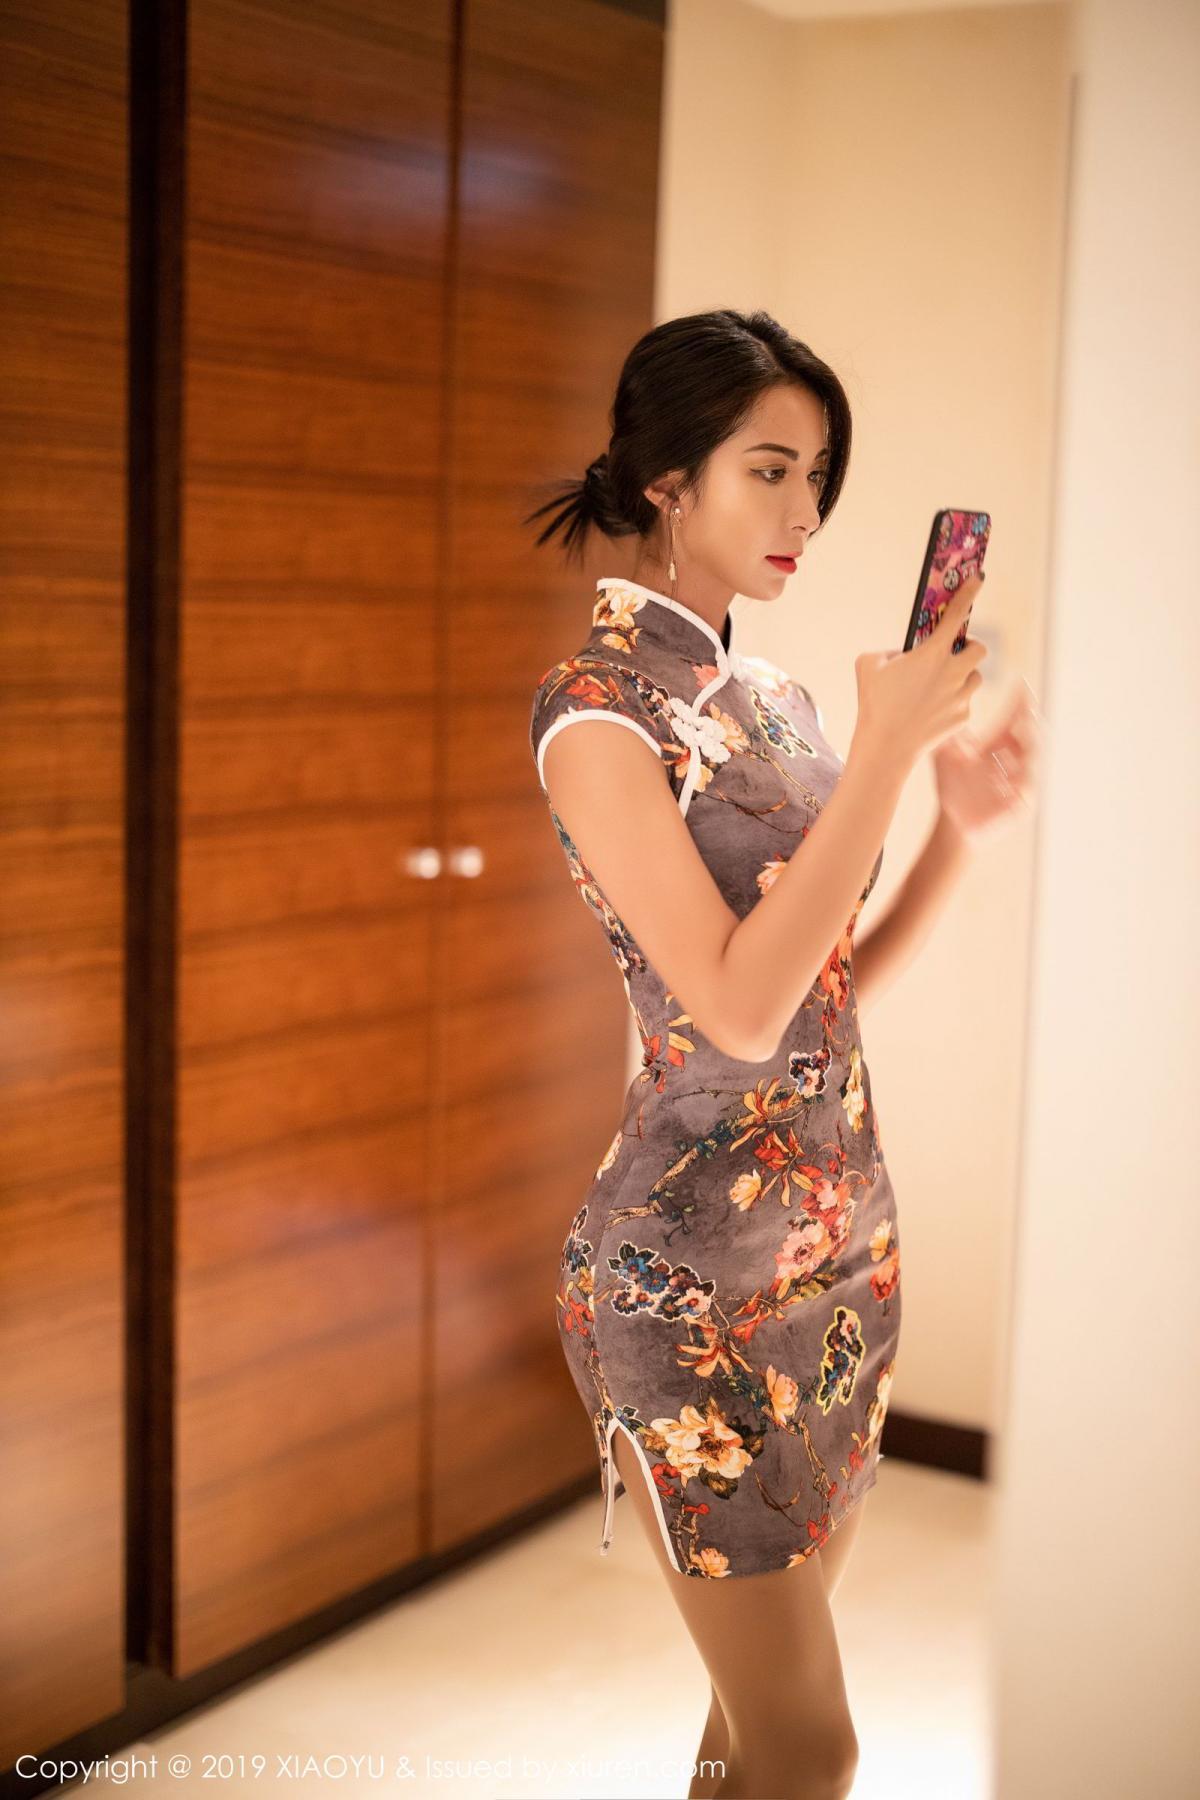 [XiaoYu] Vol.196 Chen Liang Ling 38P, Chen Liang Ling, Cheongsam, Temperament, Underwear, XiaoYu